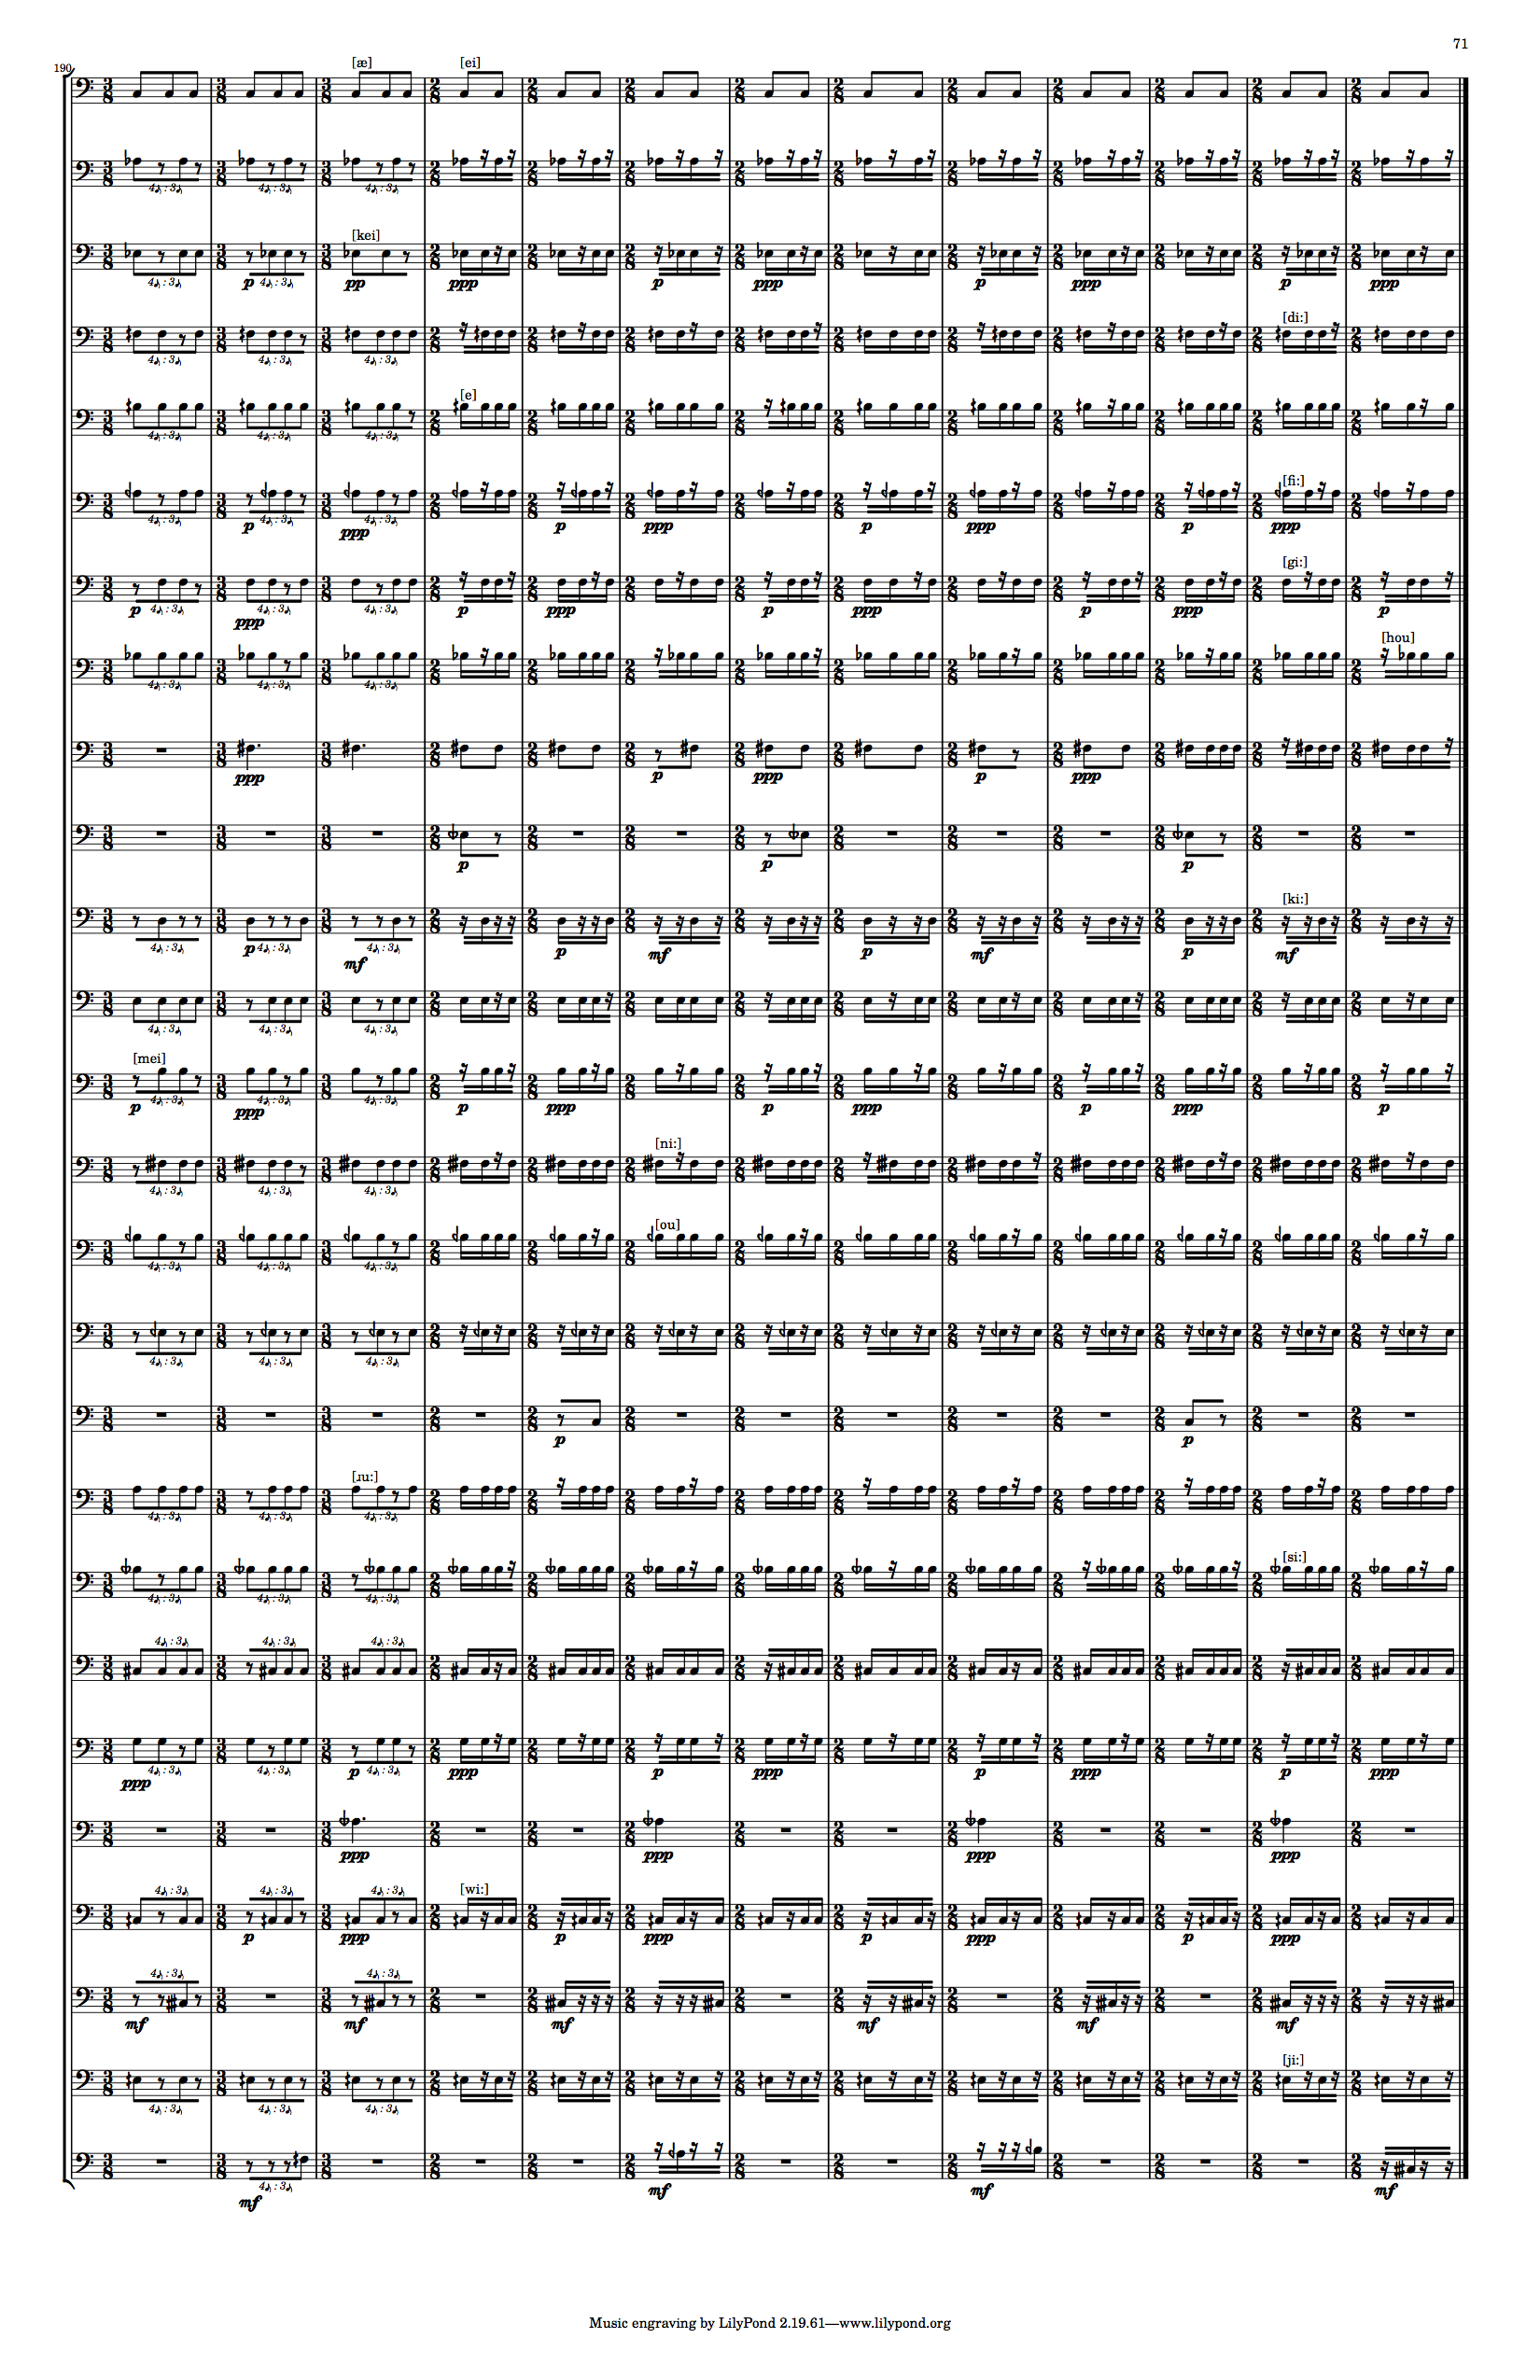 alphabet-part-9/page71_dynamics.png